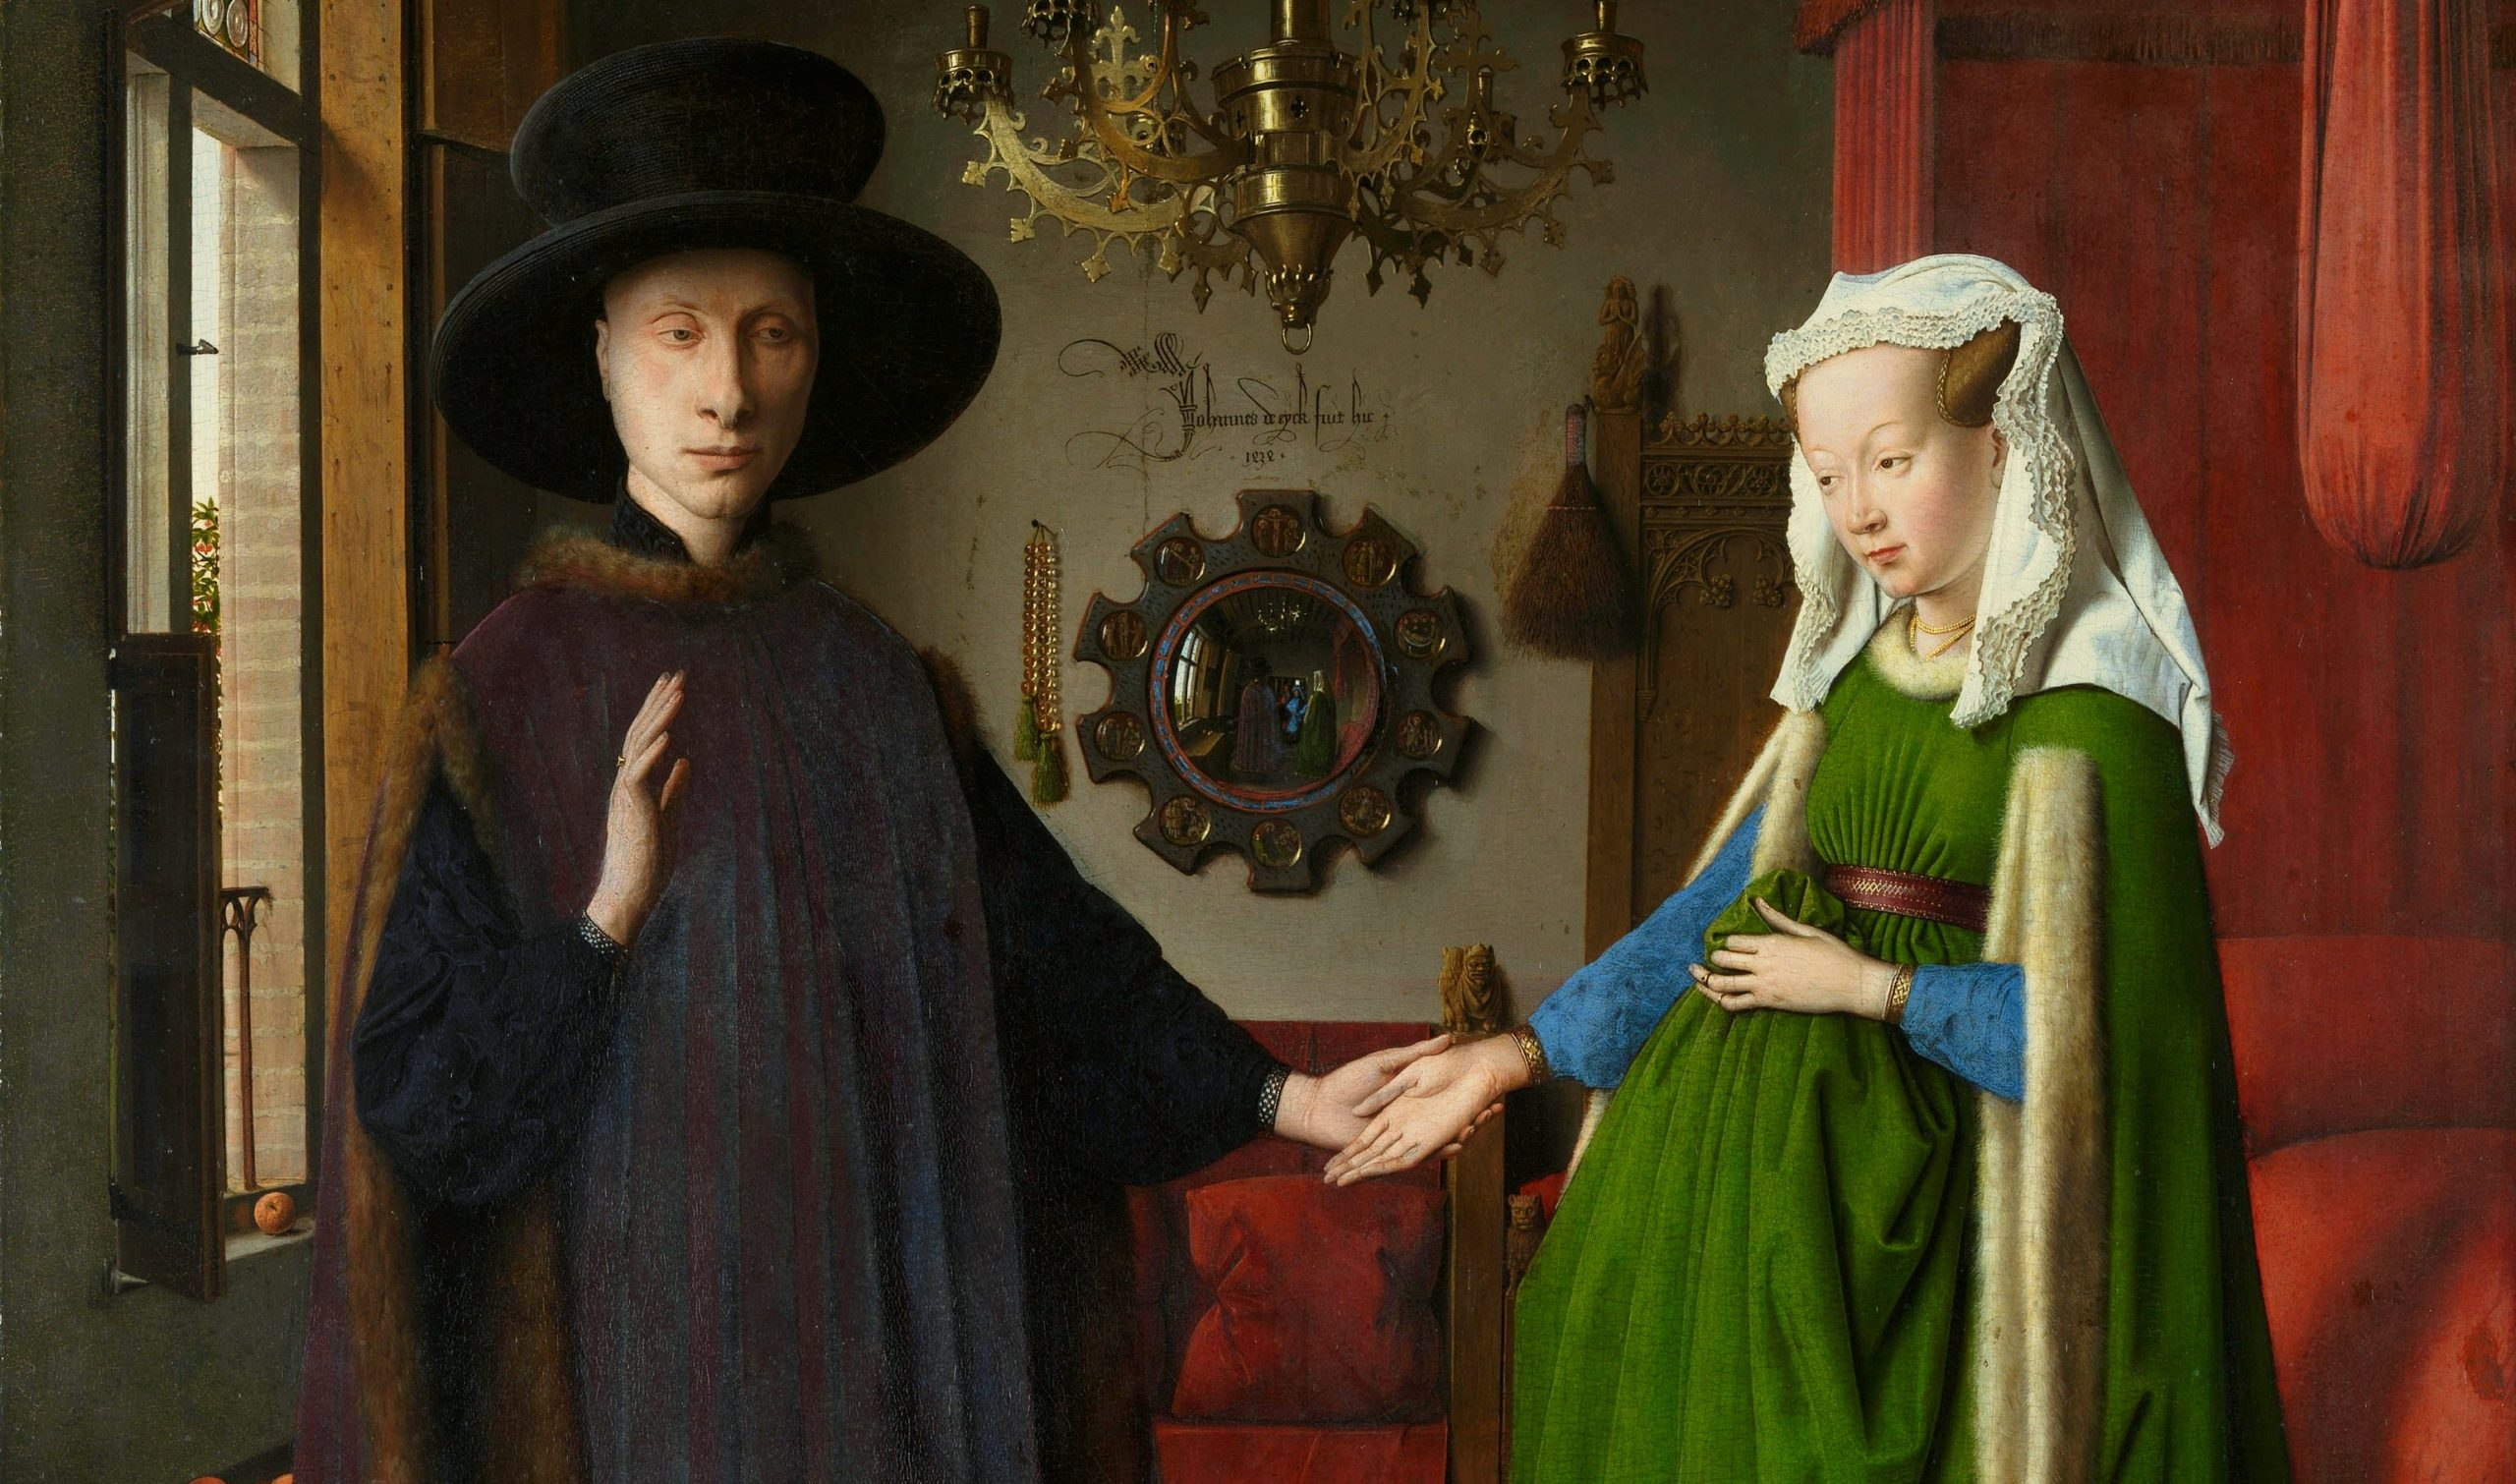 Van Eyck e non solo: i capolavori fiamminghi viaggiano online grazie a Visitflanders